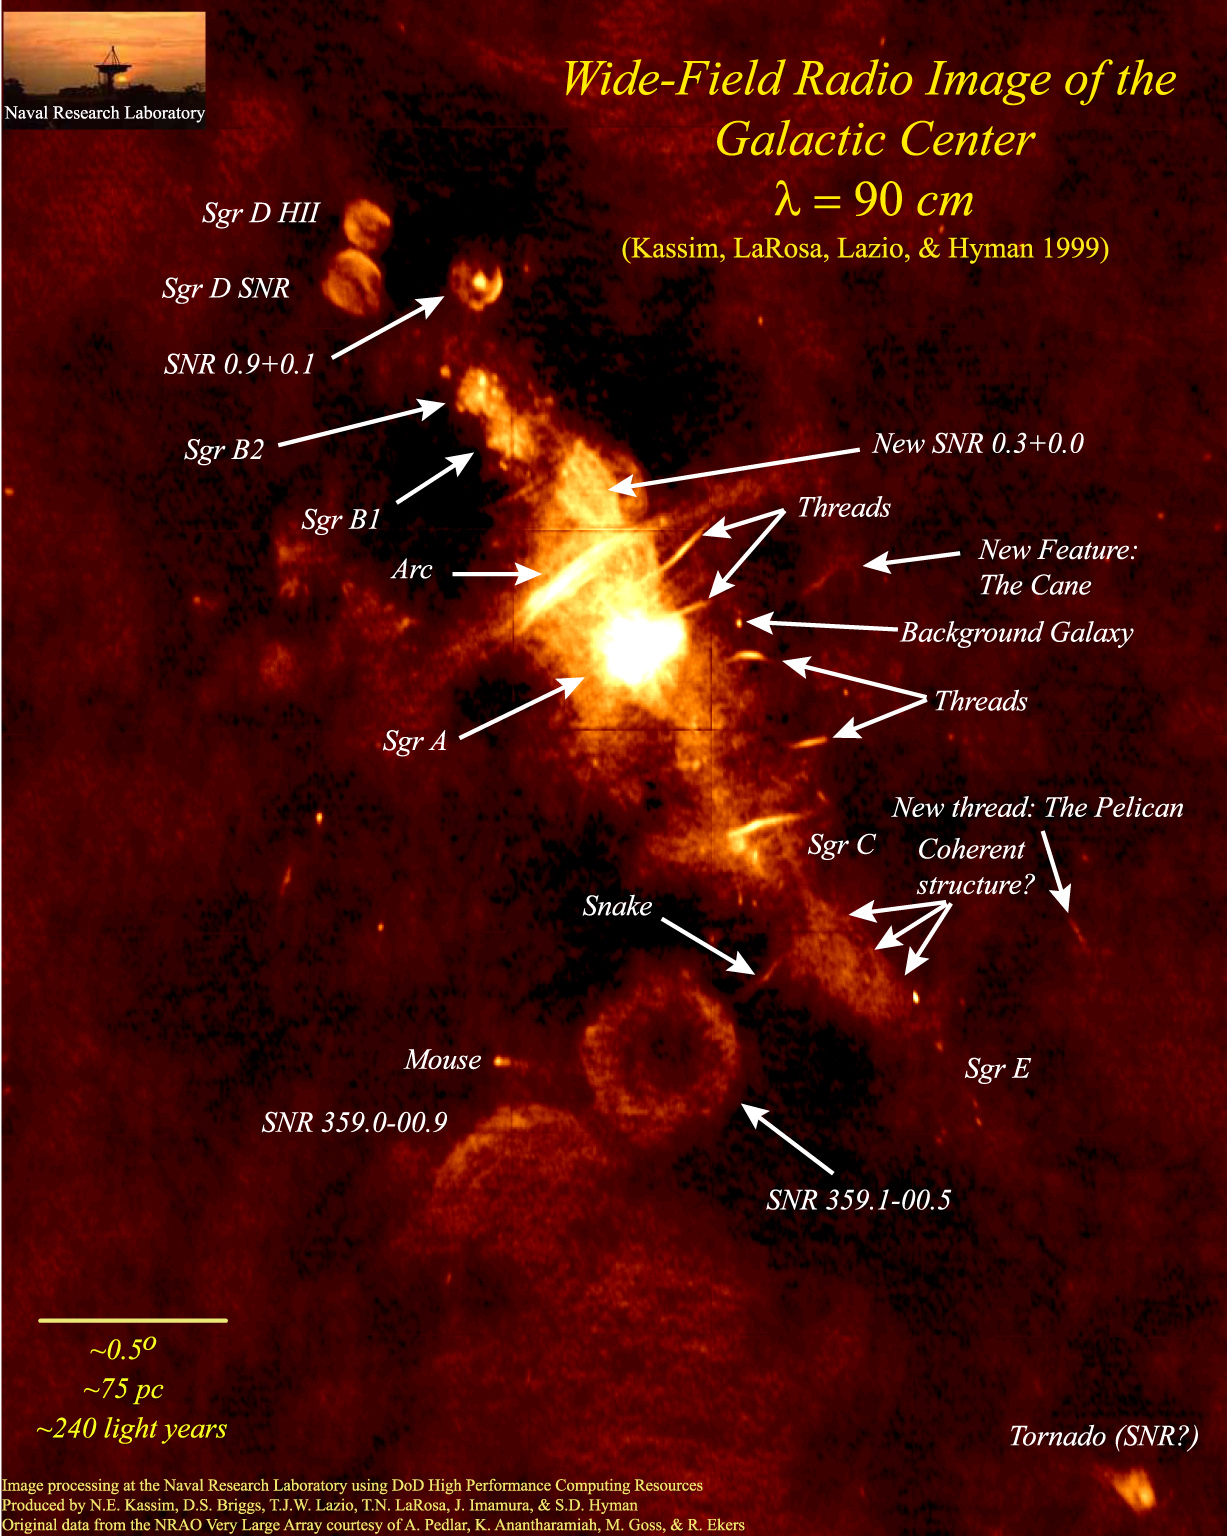 Le centre galactique: un mystère radio